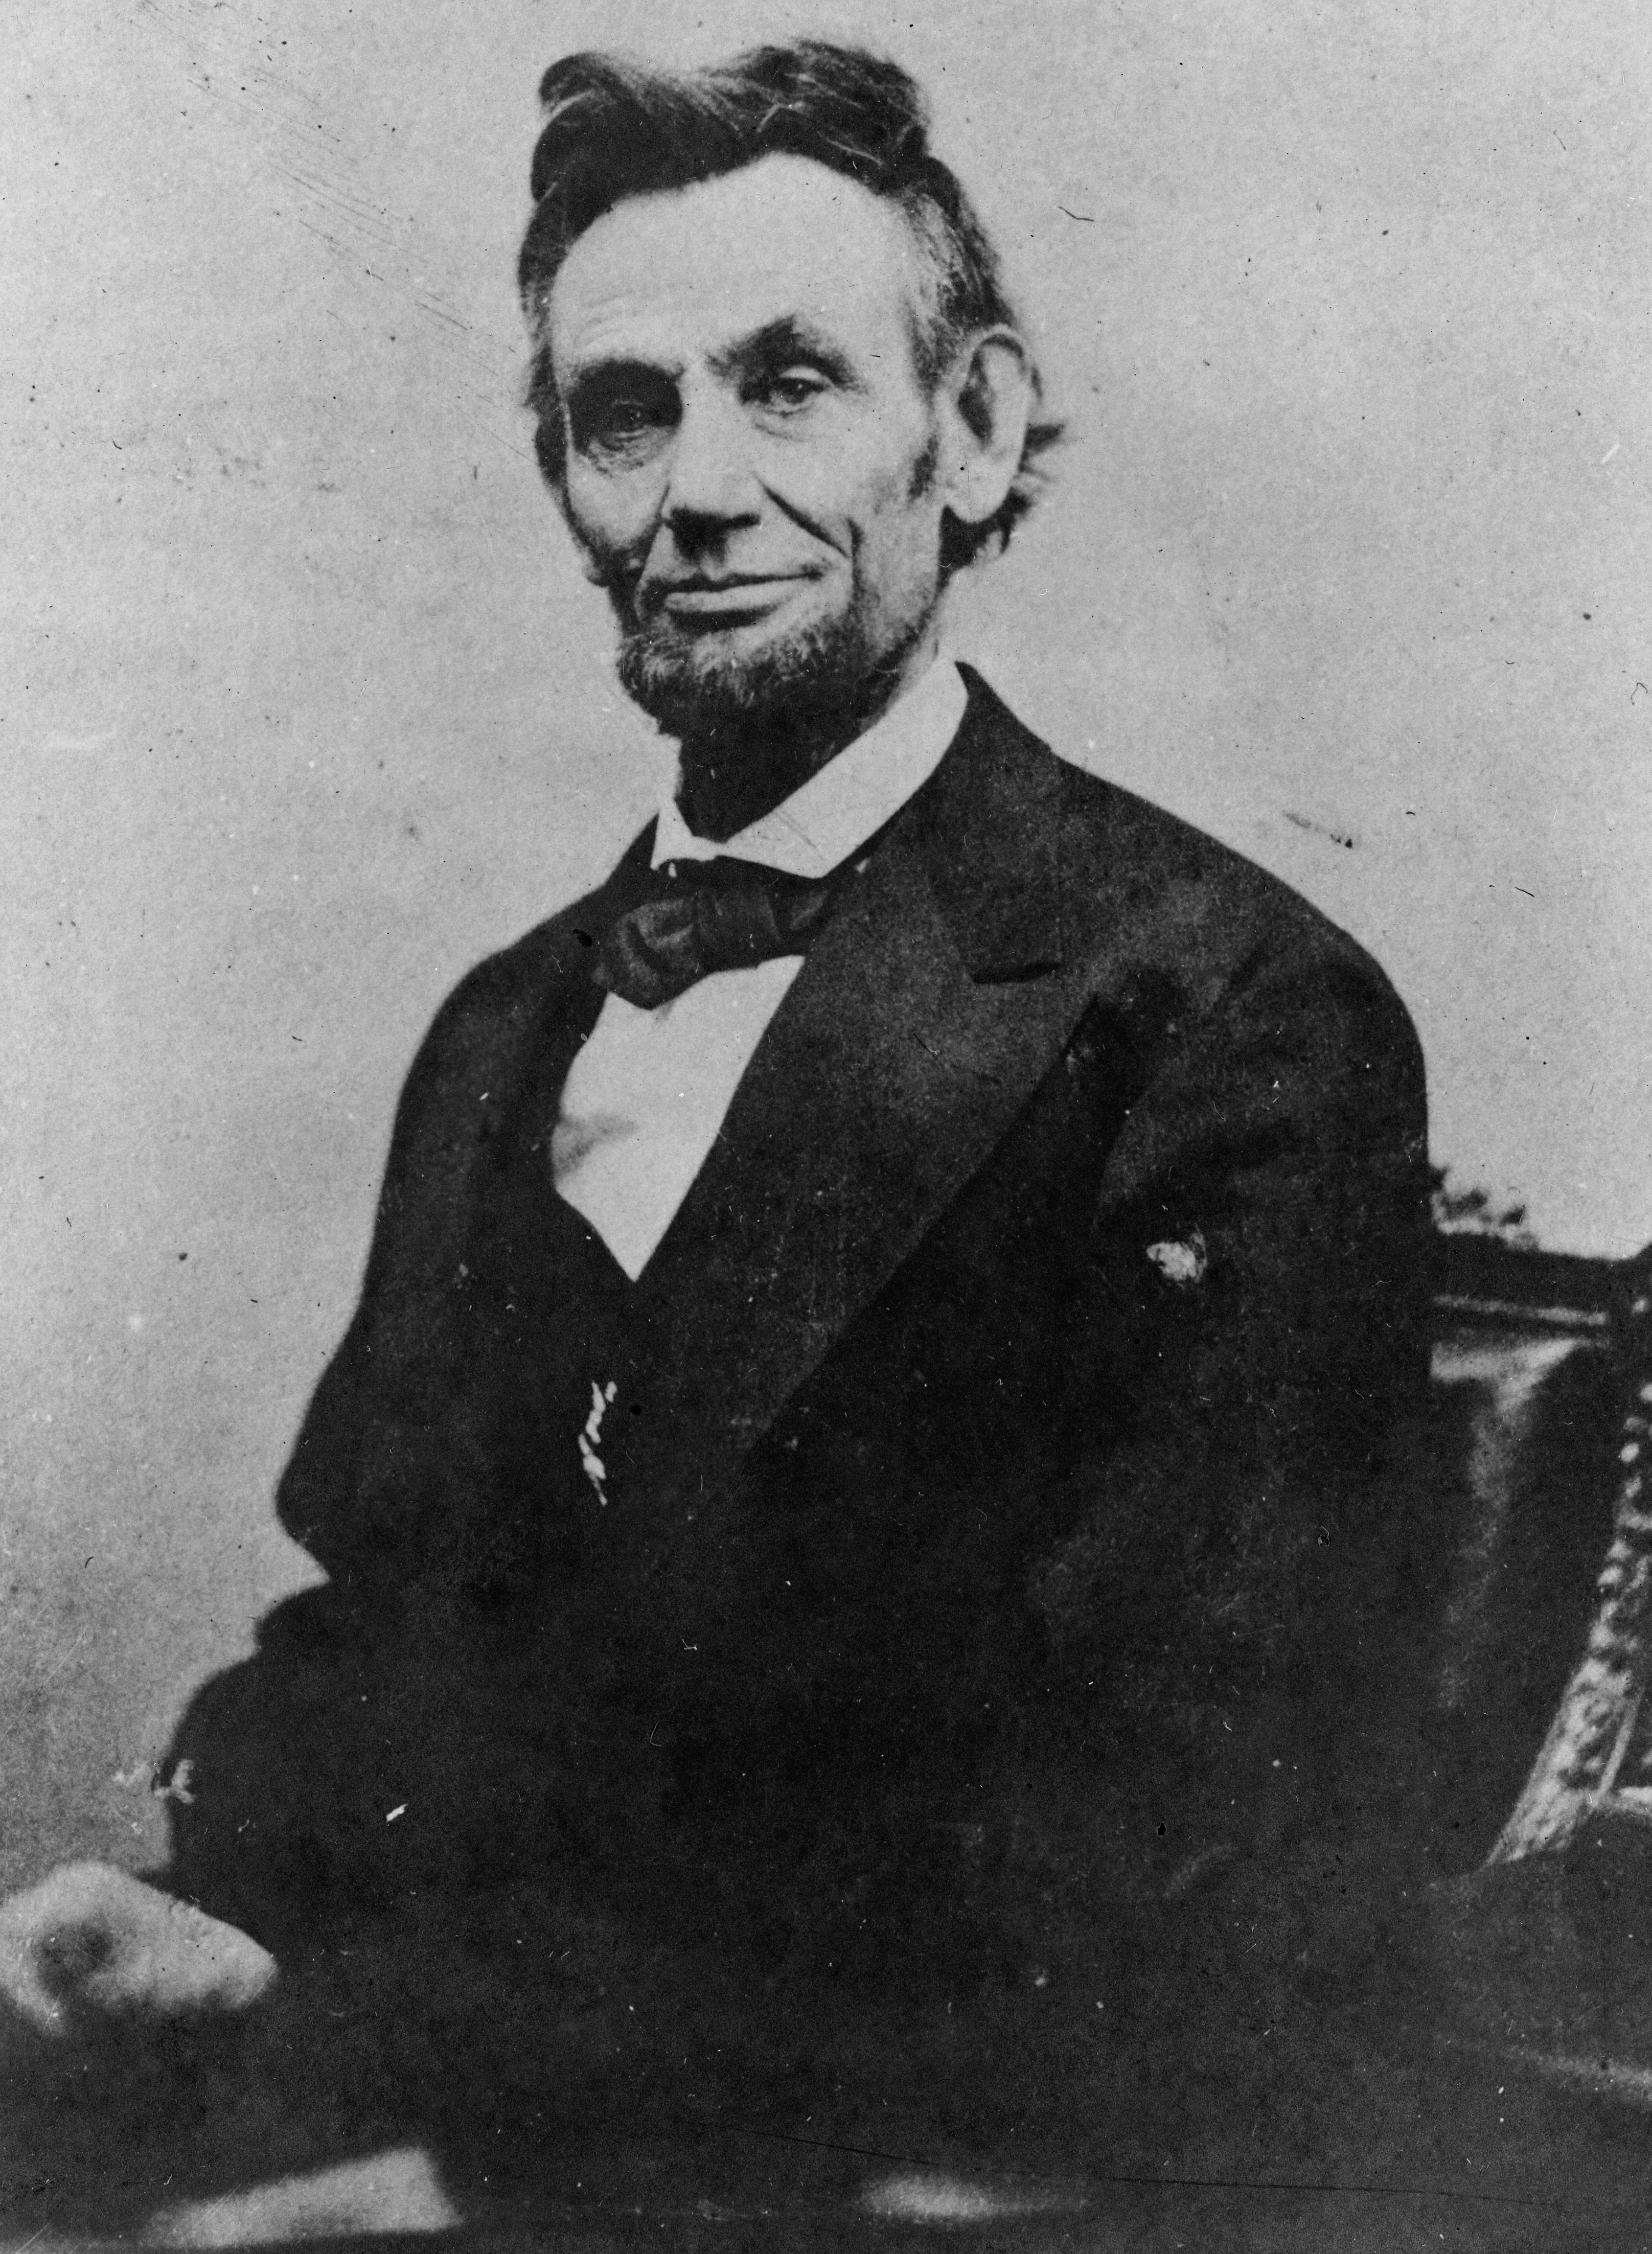 Последняя прижизненная фотография Авраама Линкольна, сделанная 10 апреля 1865 года, за пять дней до убийства